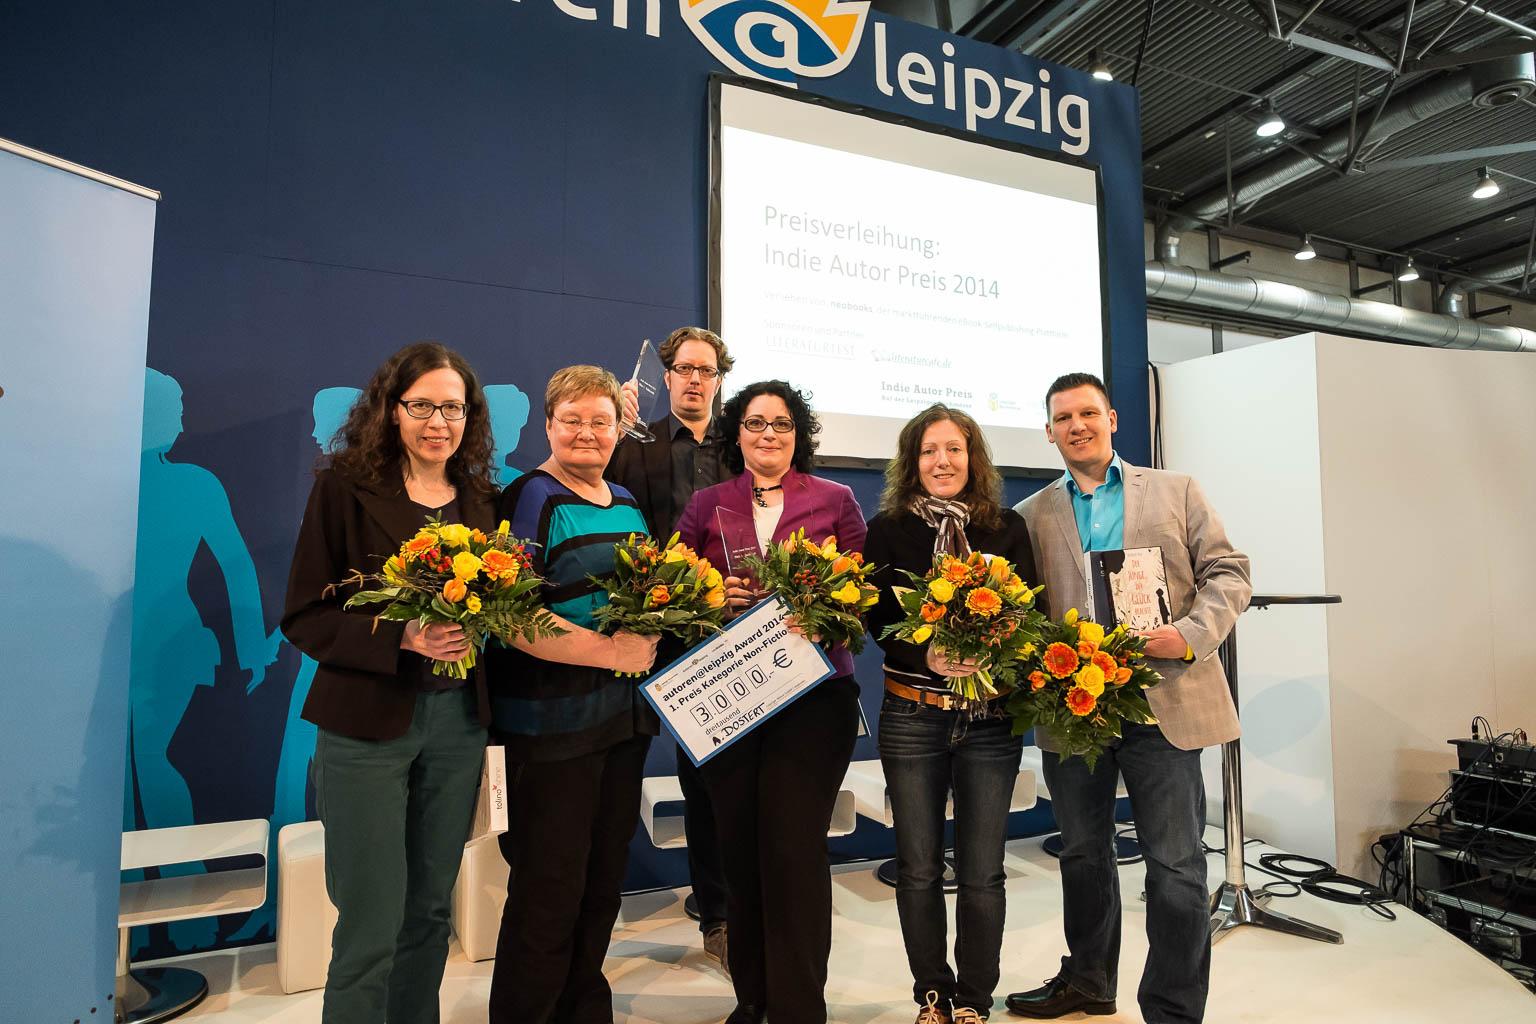 Self-Publishing: »Indie Autor Preis« geht in die 3. Runde - literaturcafe.de